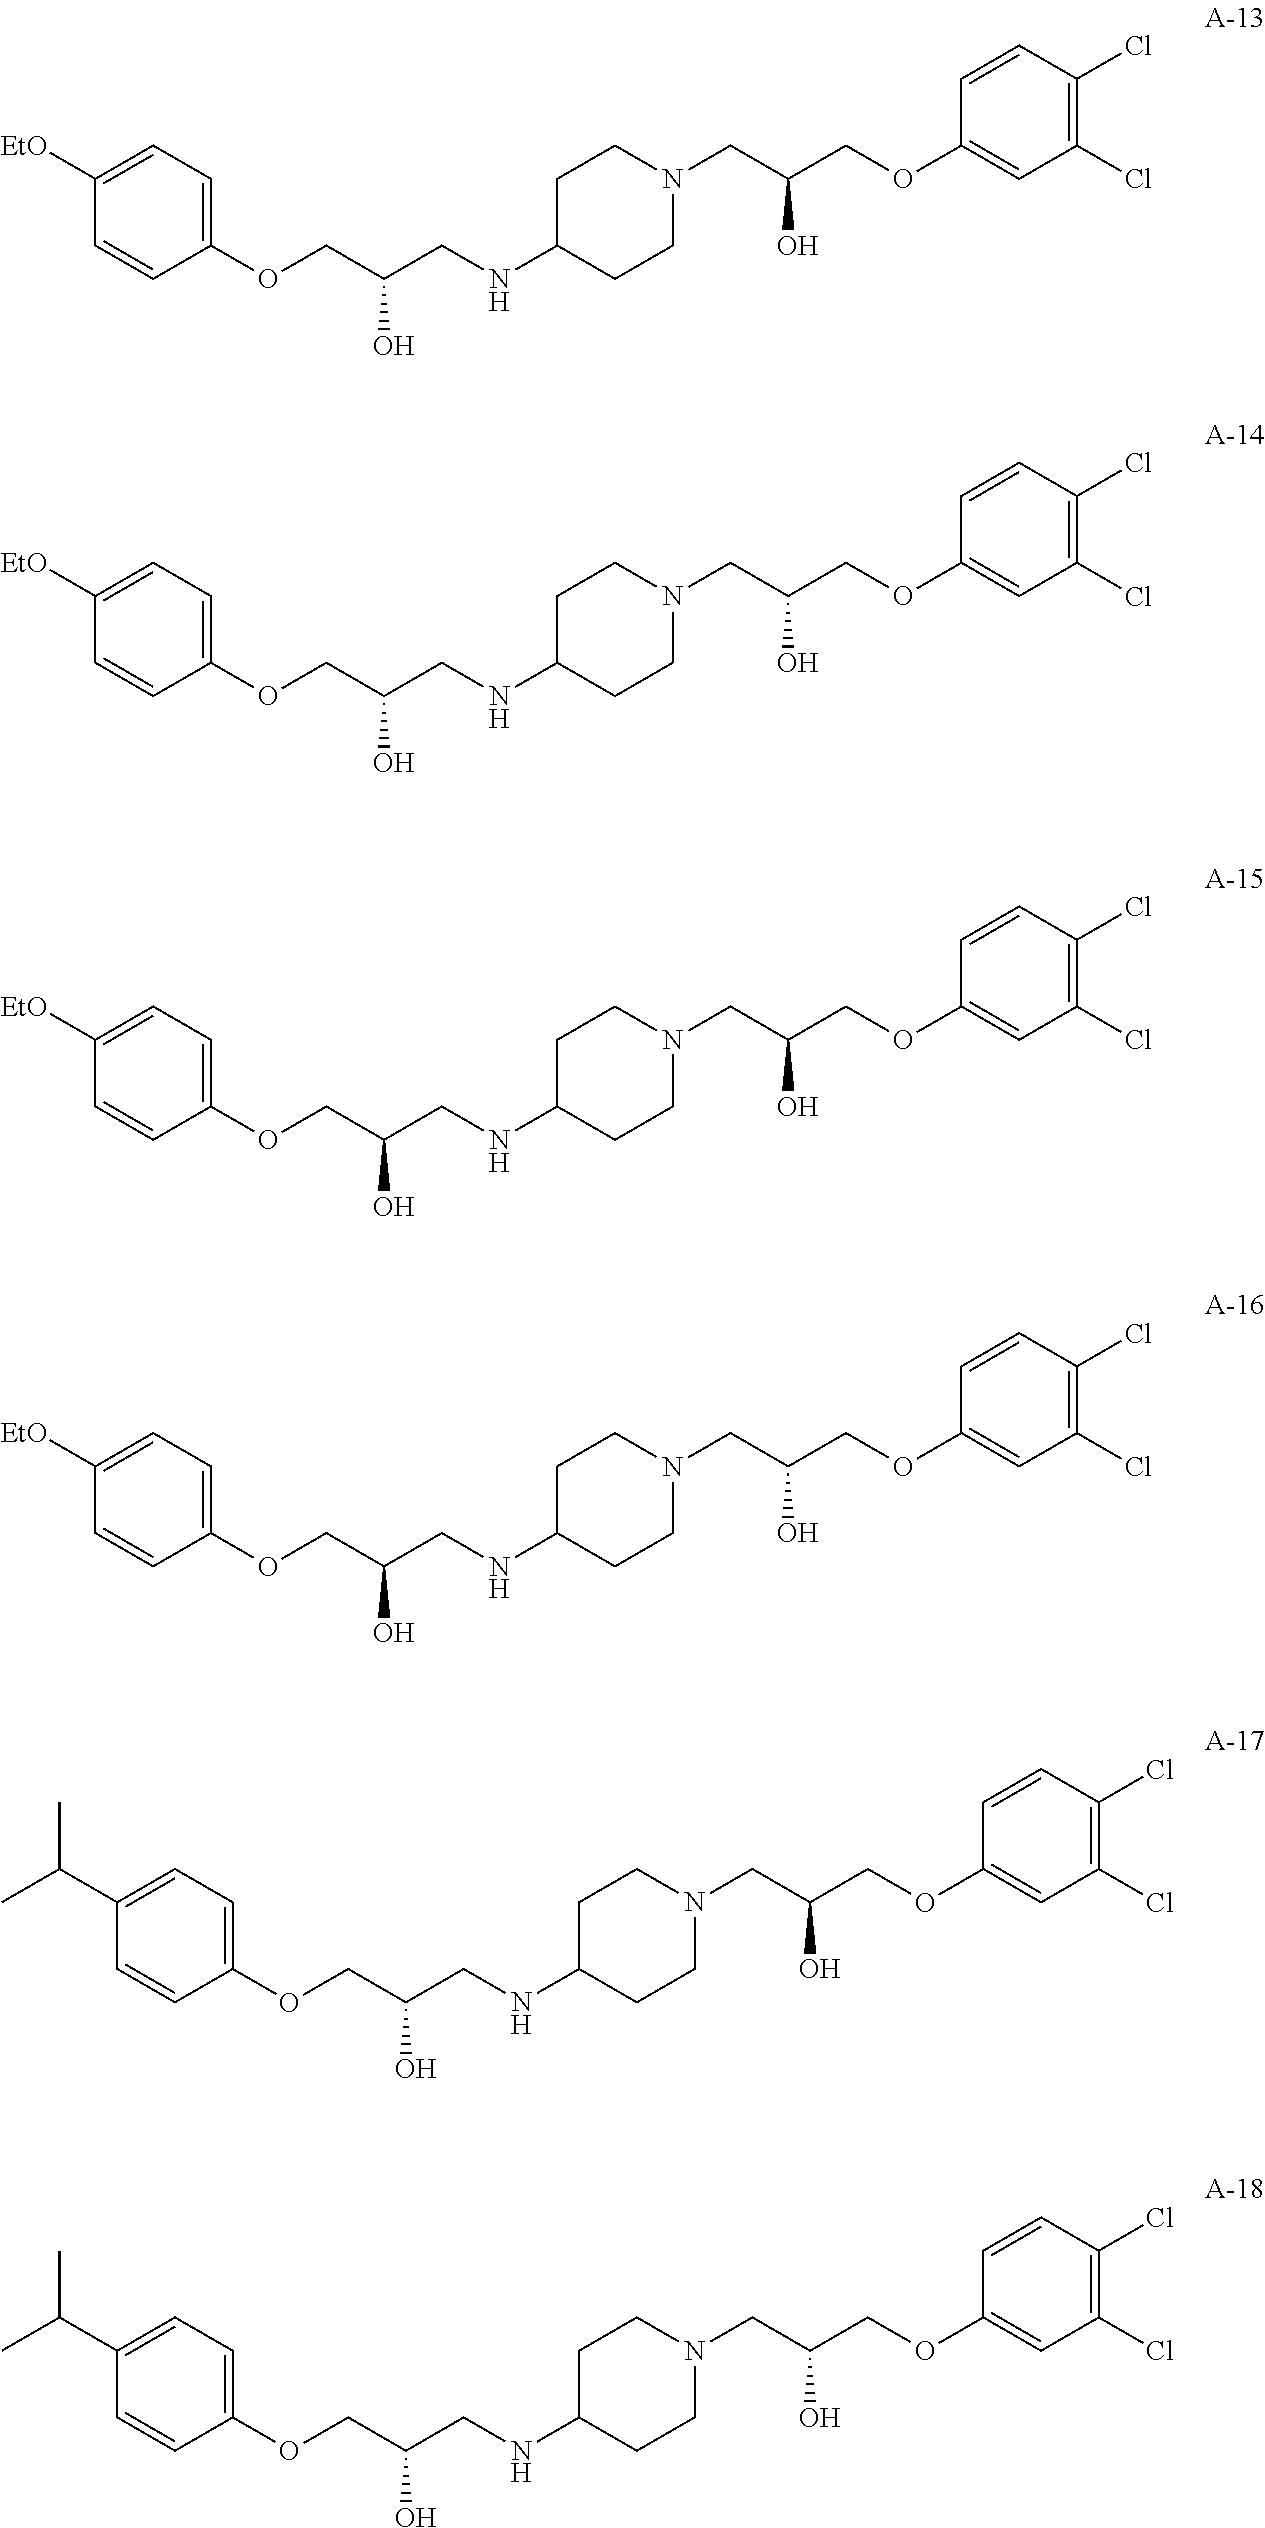 Figure US20190100493A1-20190404-C00007